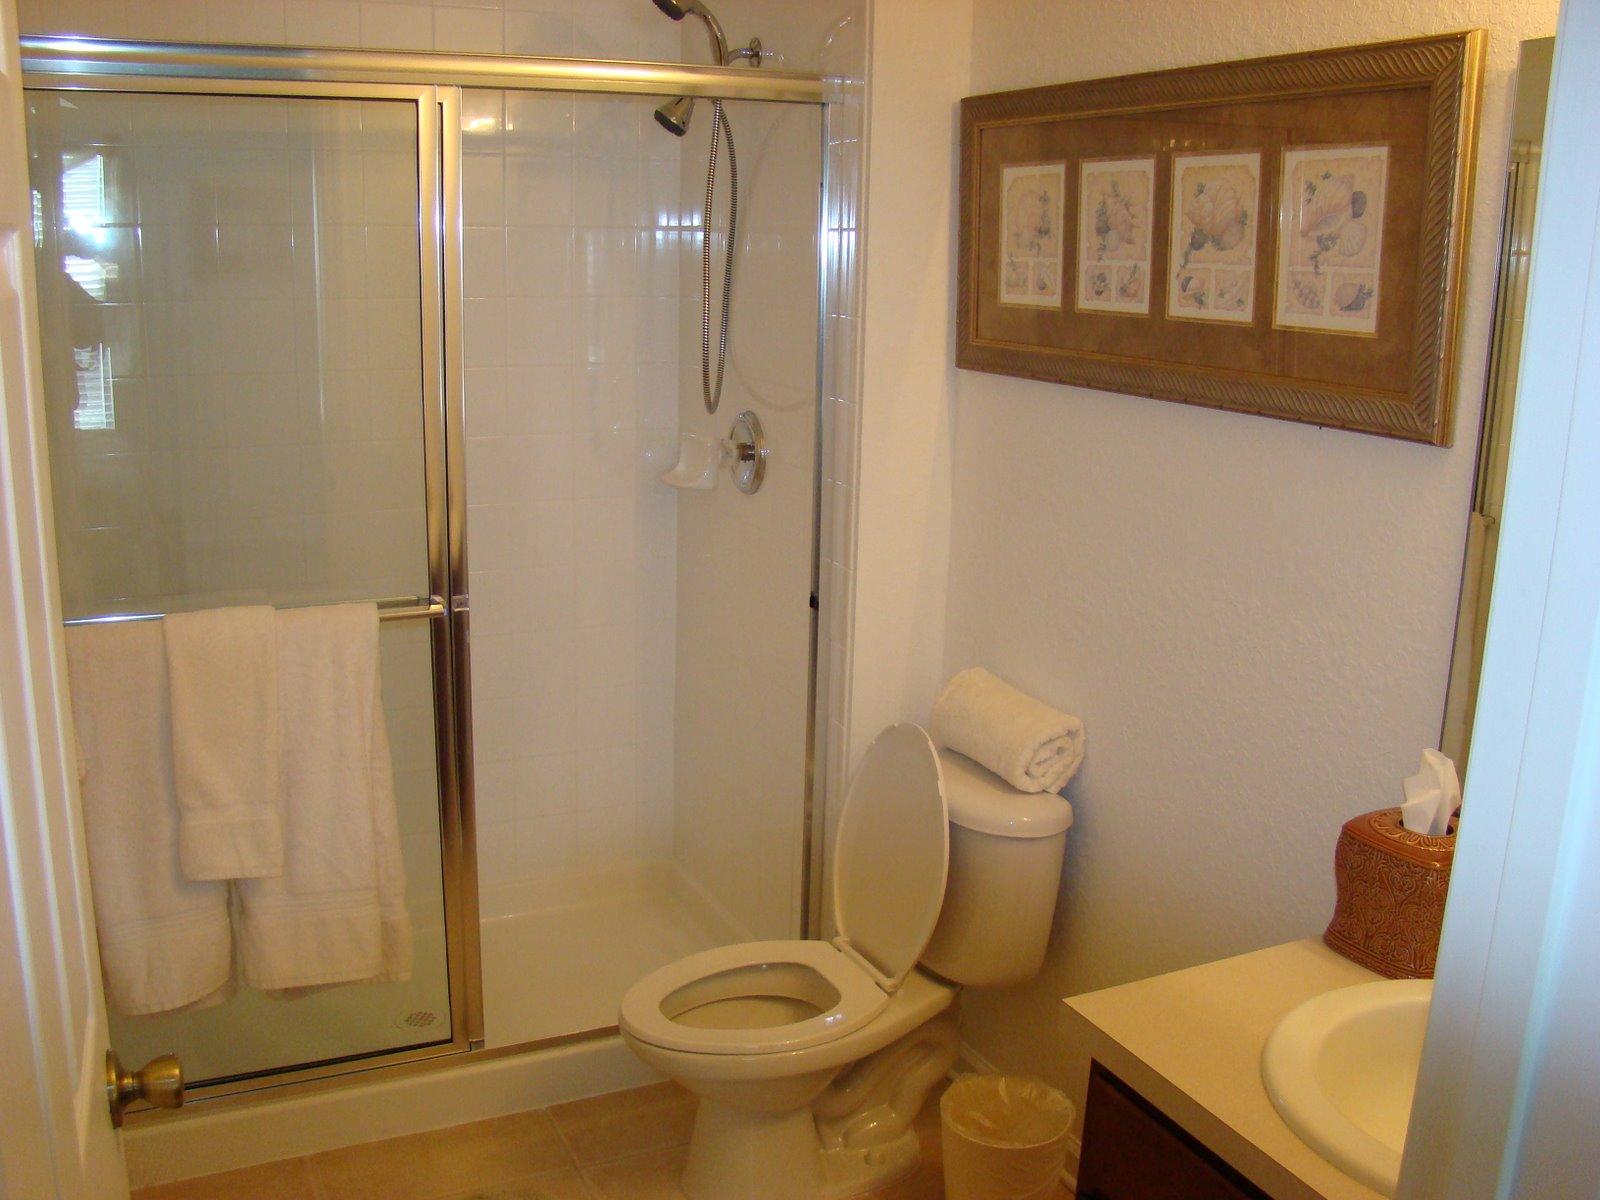 design ideas interior decorating furniture designs Bathroom design ...